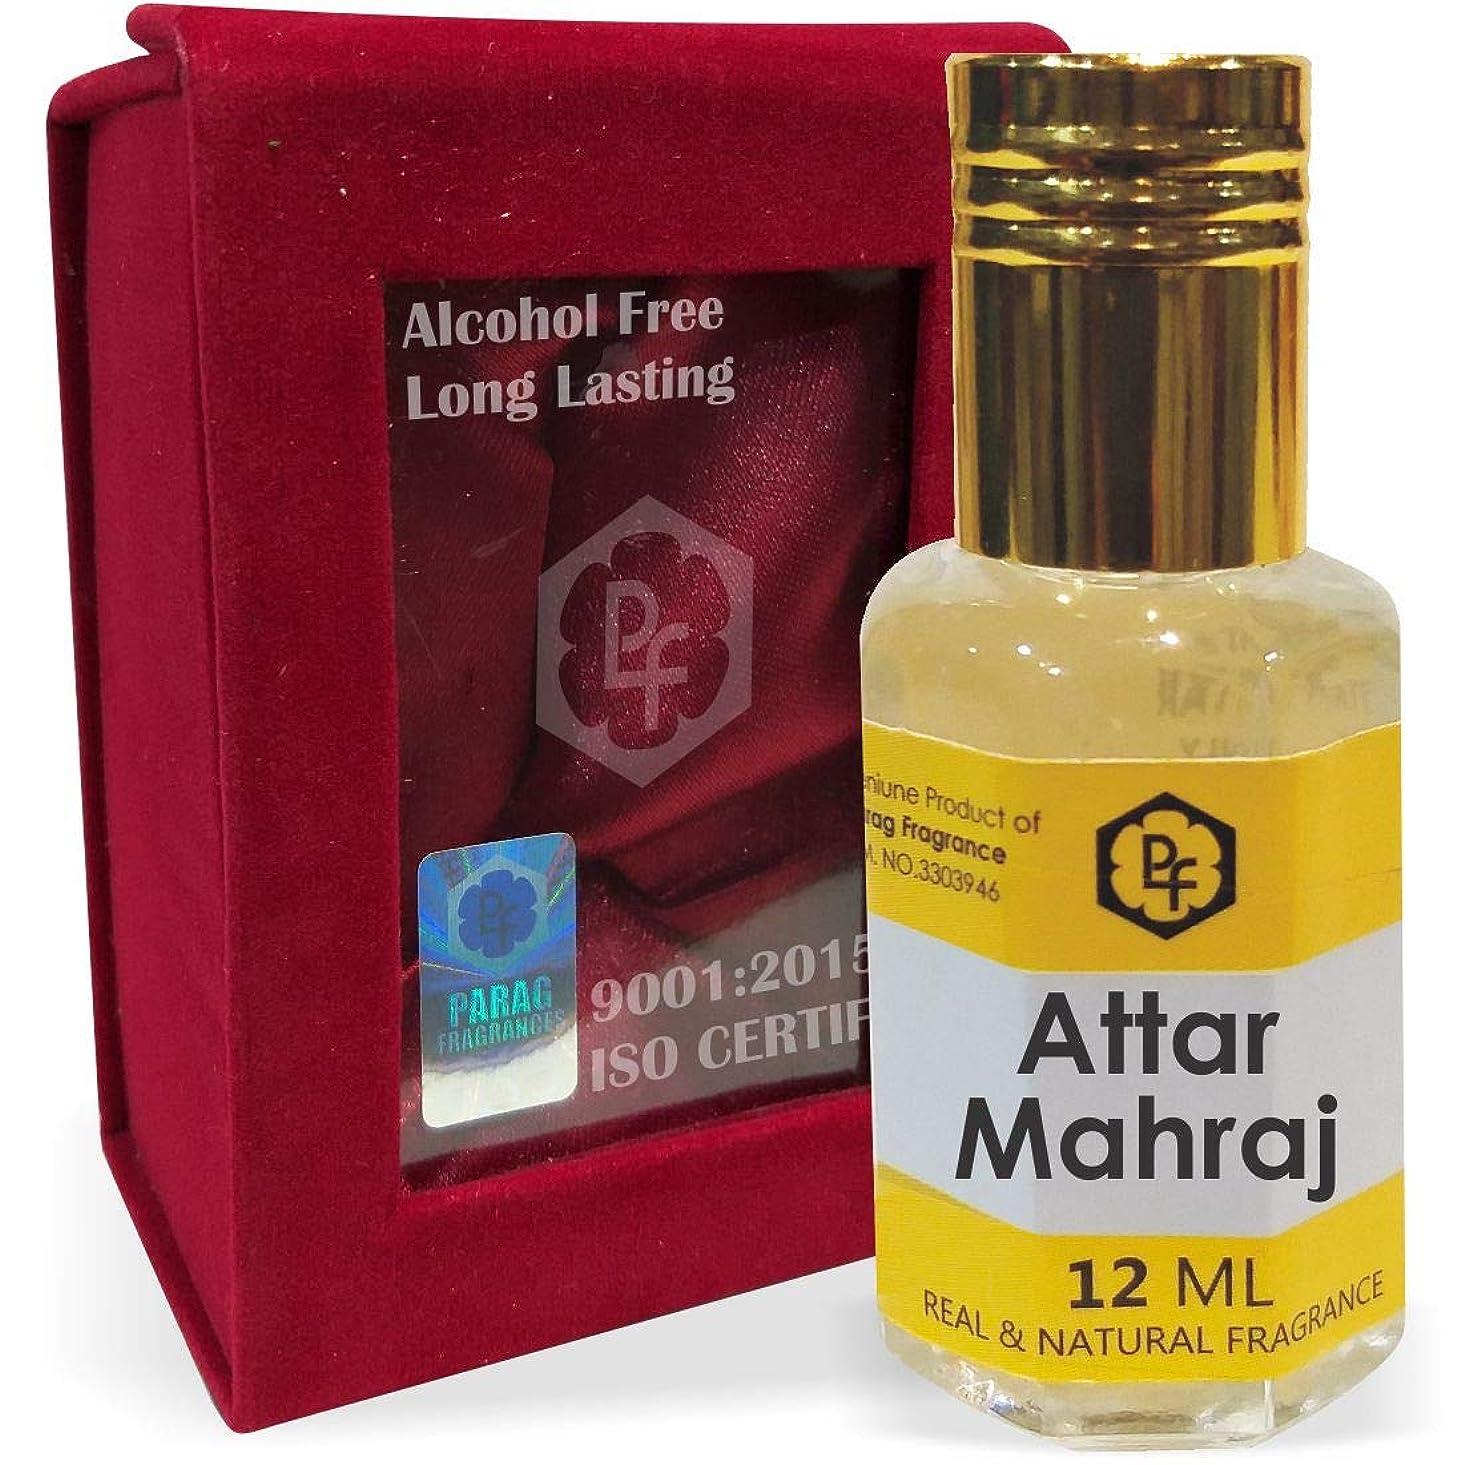 死すべき細心のガソリンParagフレグランス手作りベルベットボックスMahraj 12ミリリットルアター/香水(インドの伝統的なBhapka処理方法により、インド製)オイル/フレグランスオイル|長持ちアターITRA最高の品質